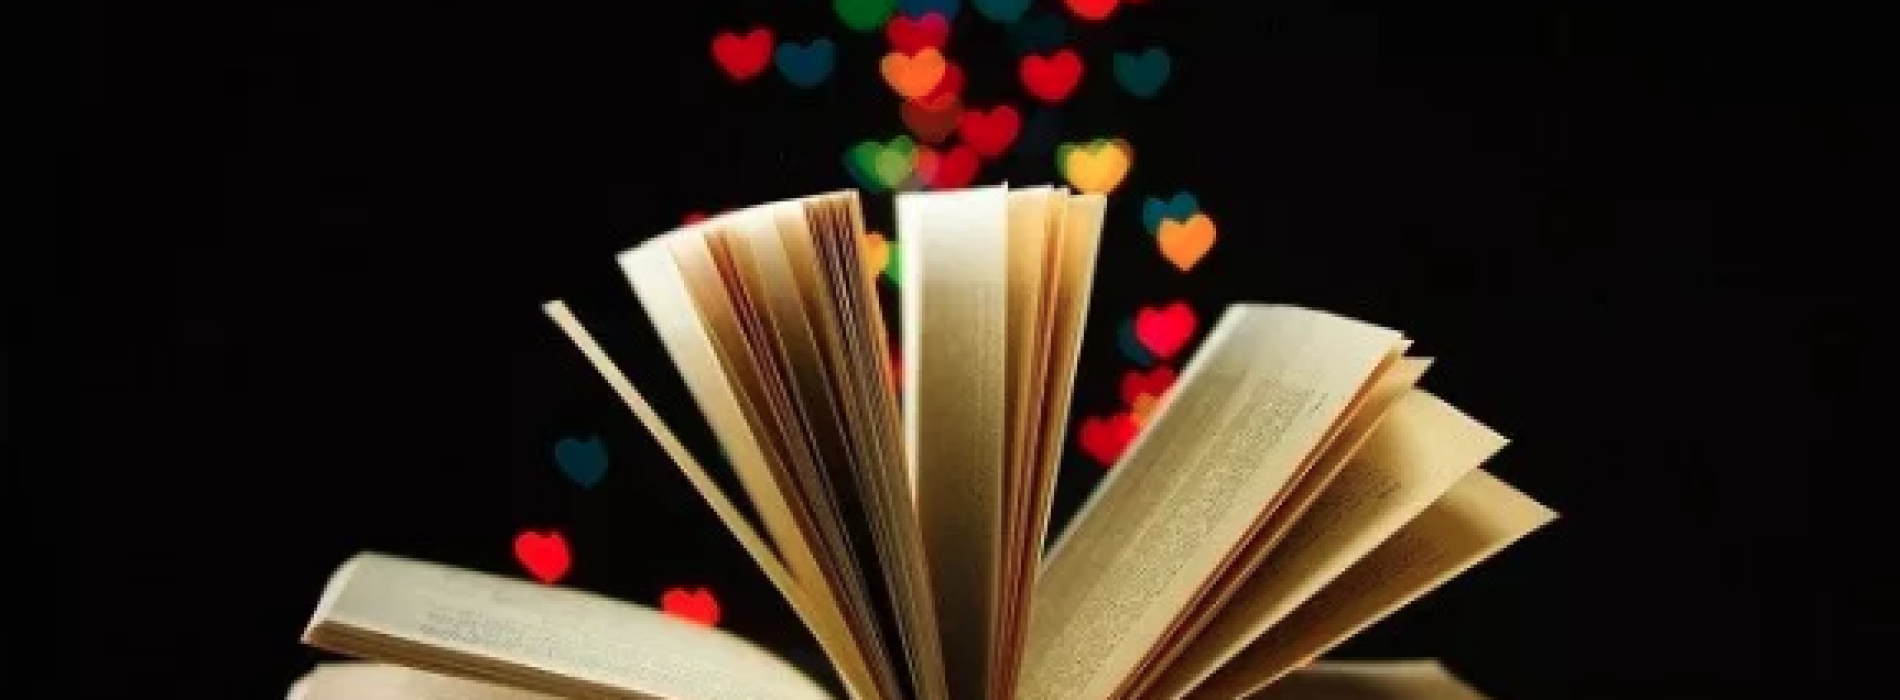 Valentine's day letterario. A ciascuno la sua chanson d'amour